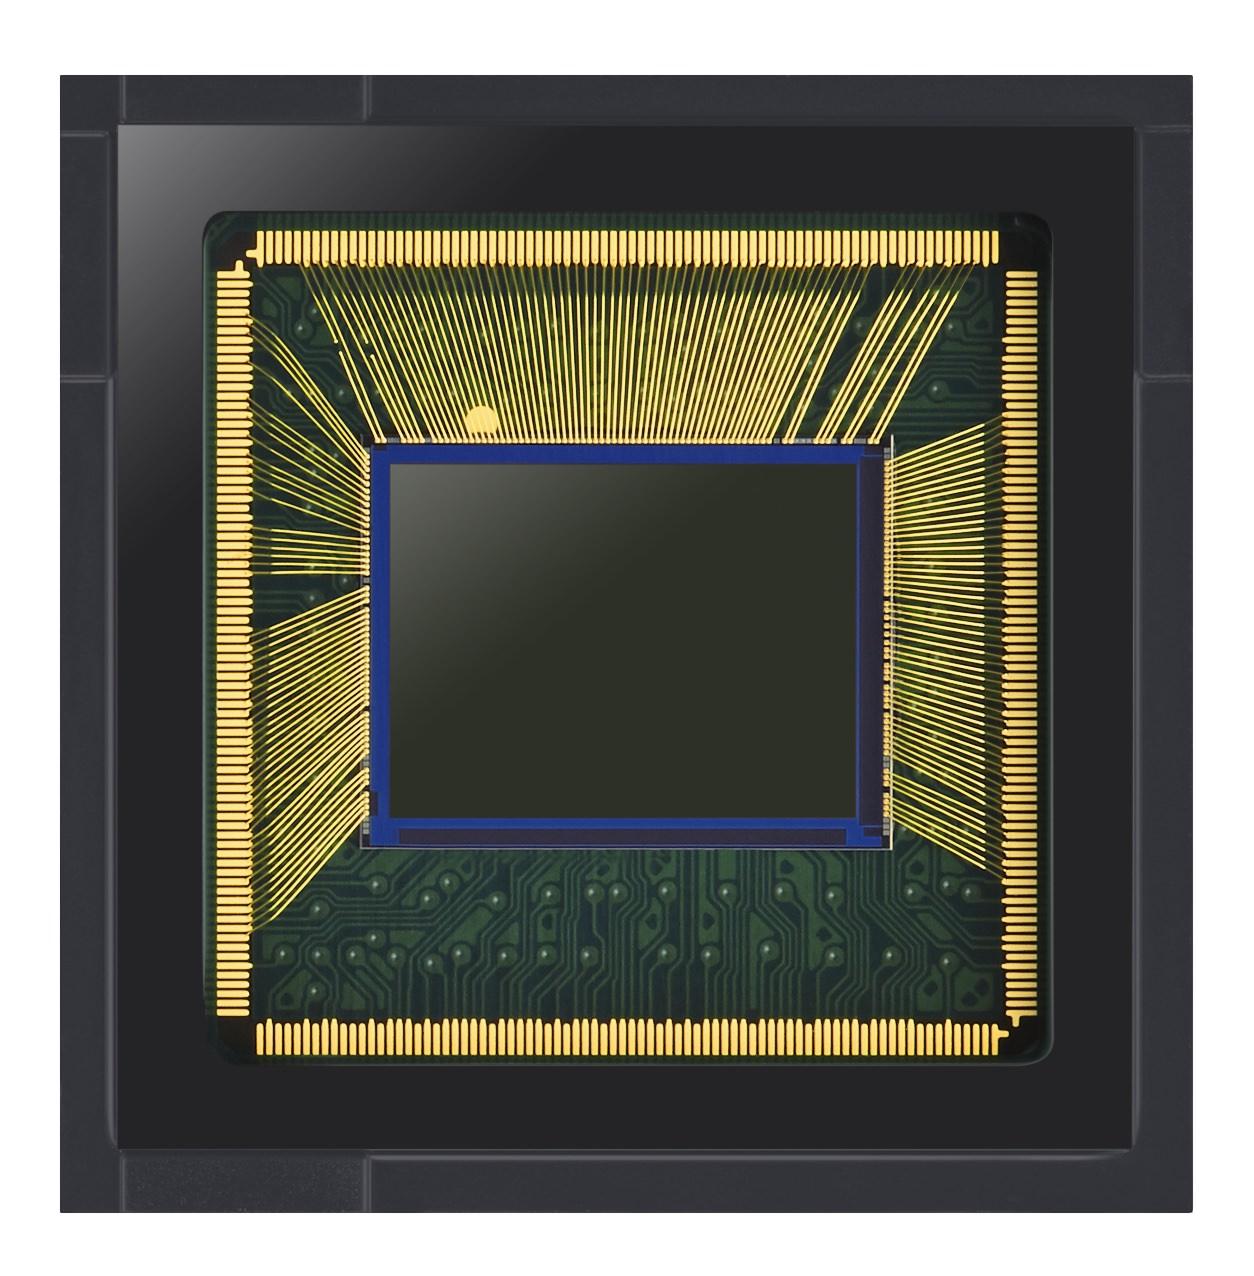 64MP sensor